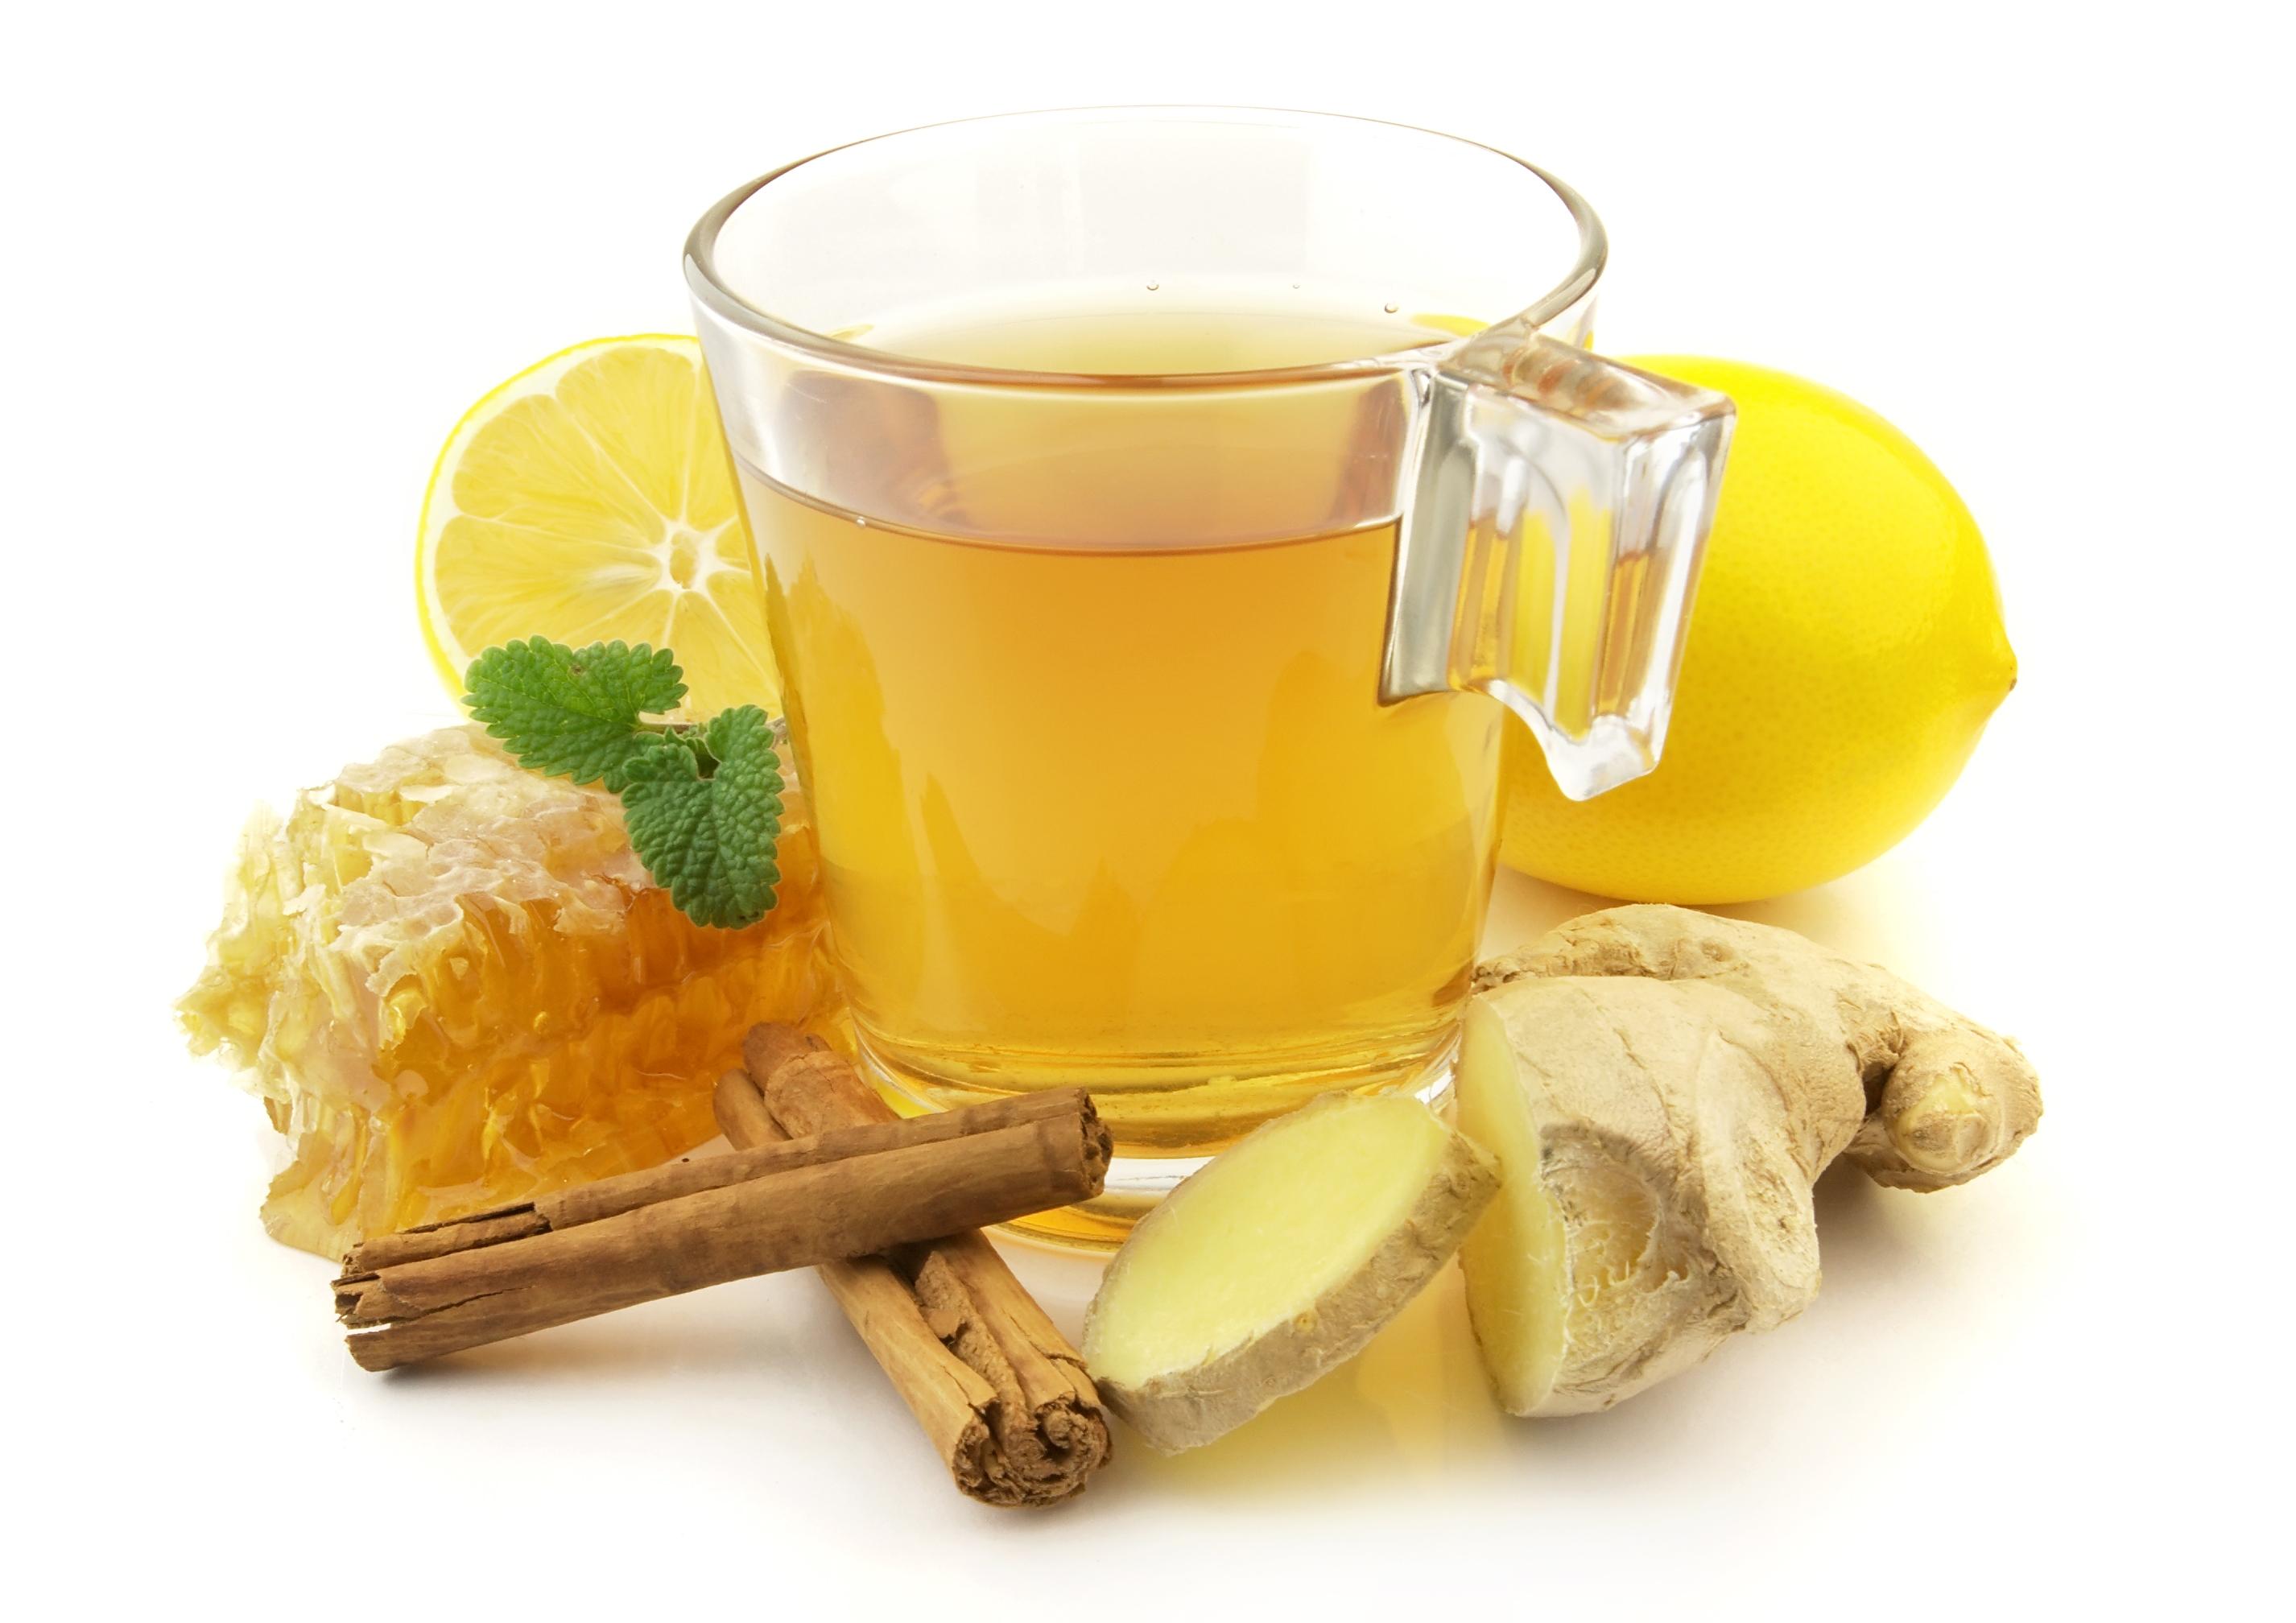 Картинка по теме: Чай с лимоном и имбирем для похудения